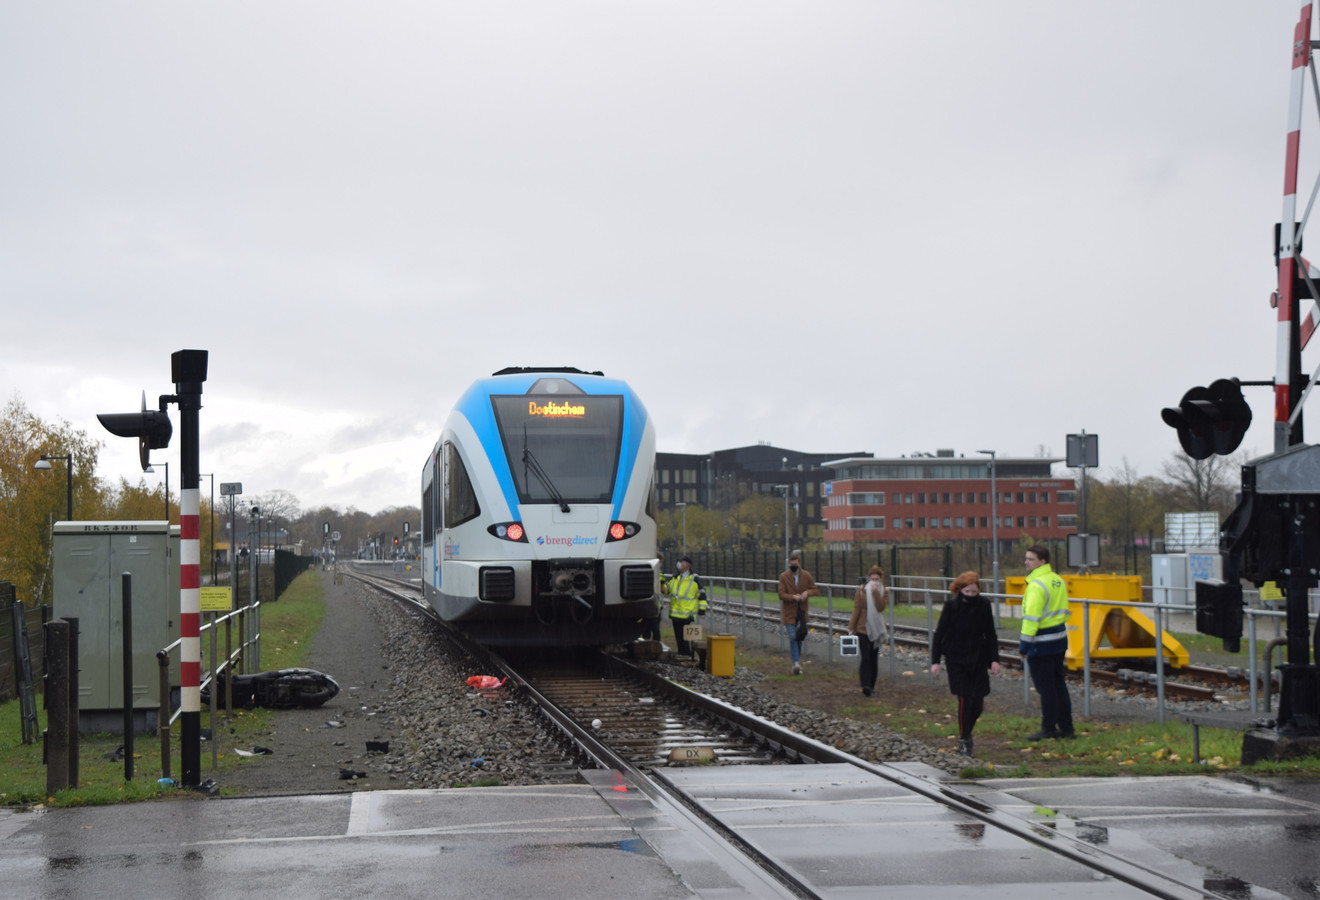 De trein staat stil na de aanrijding met een scooter in Doetinchem. De bestuurster bleef ongedeerd.